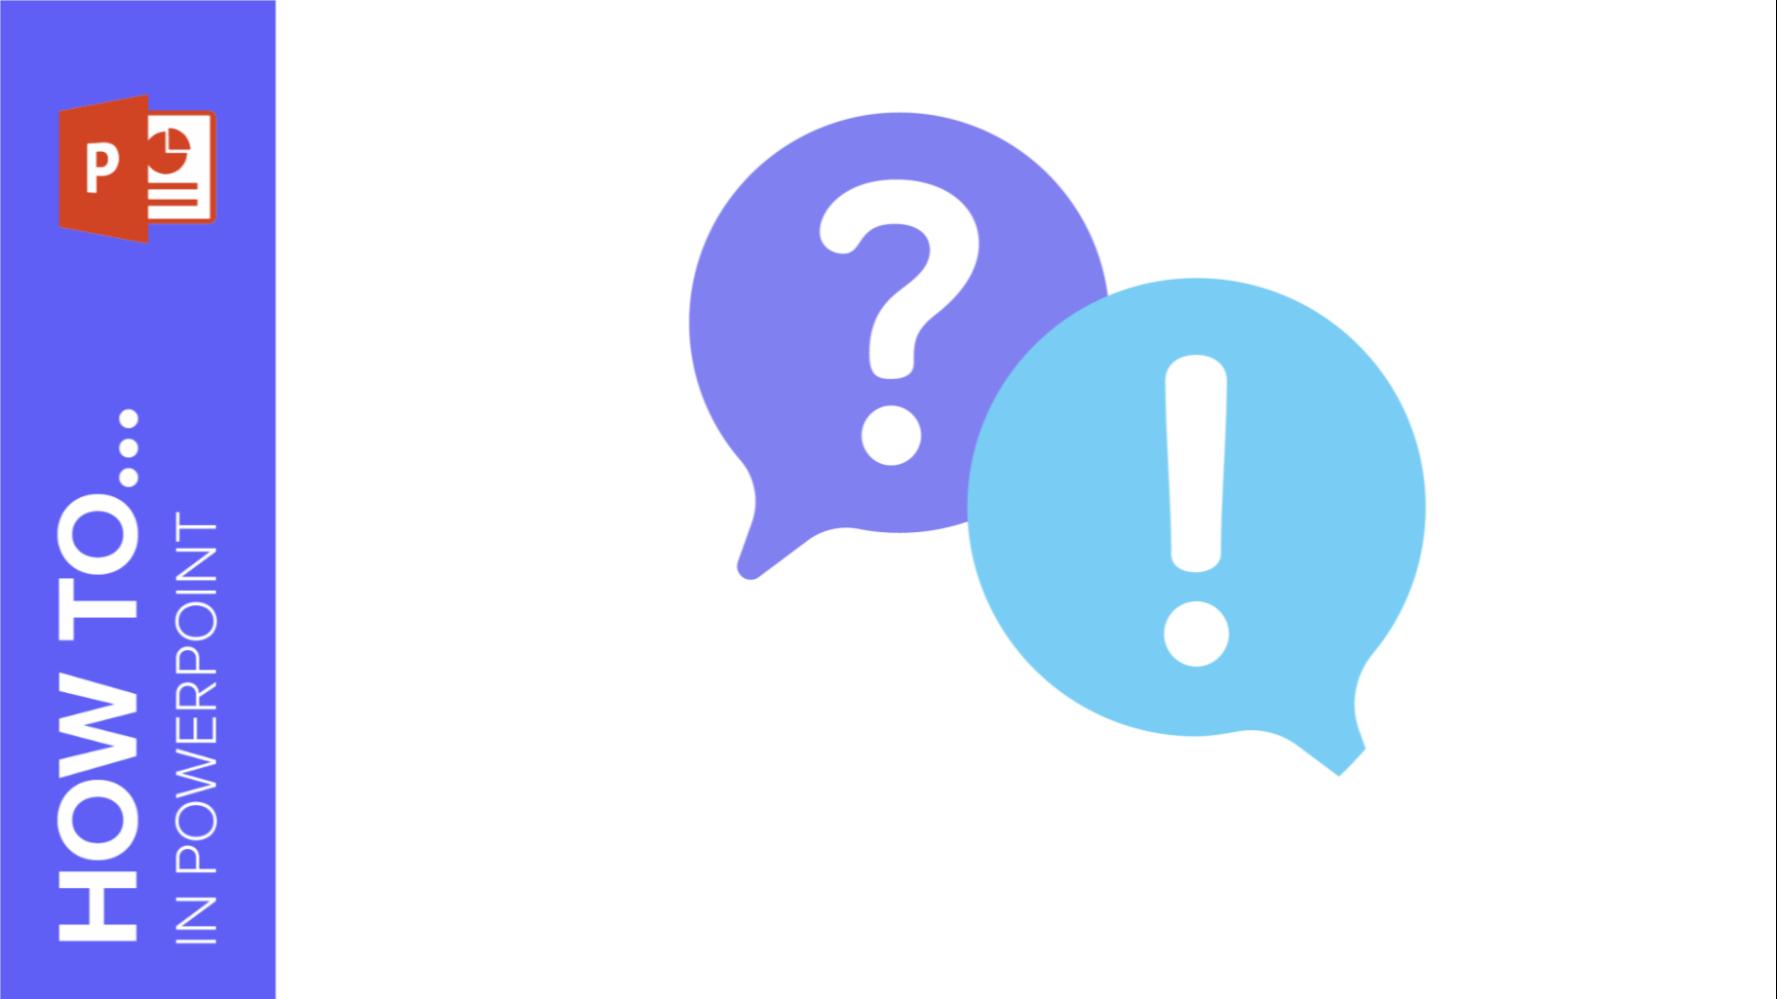 How to Make a Quiz for Your Online Classes Using PowerPoint | Schnelle Tipps & Tutorials für deine Präsentationen